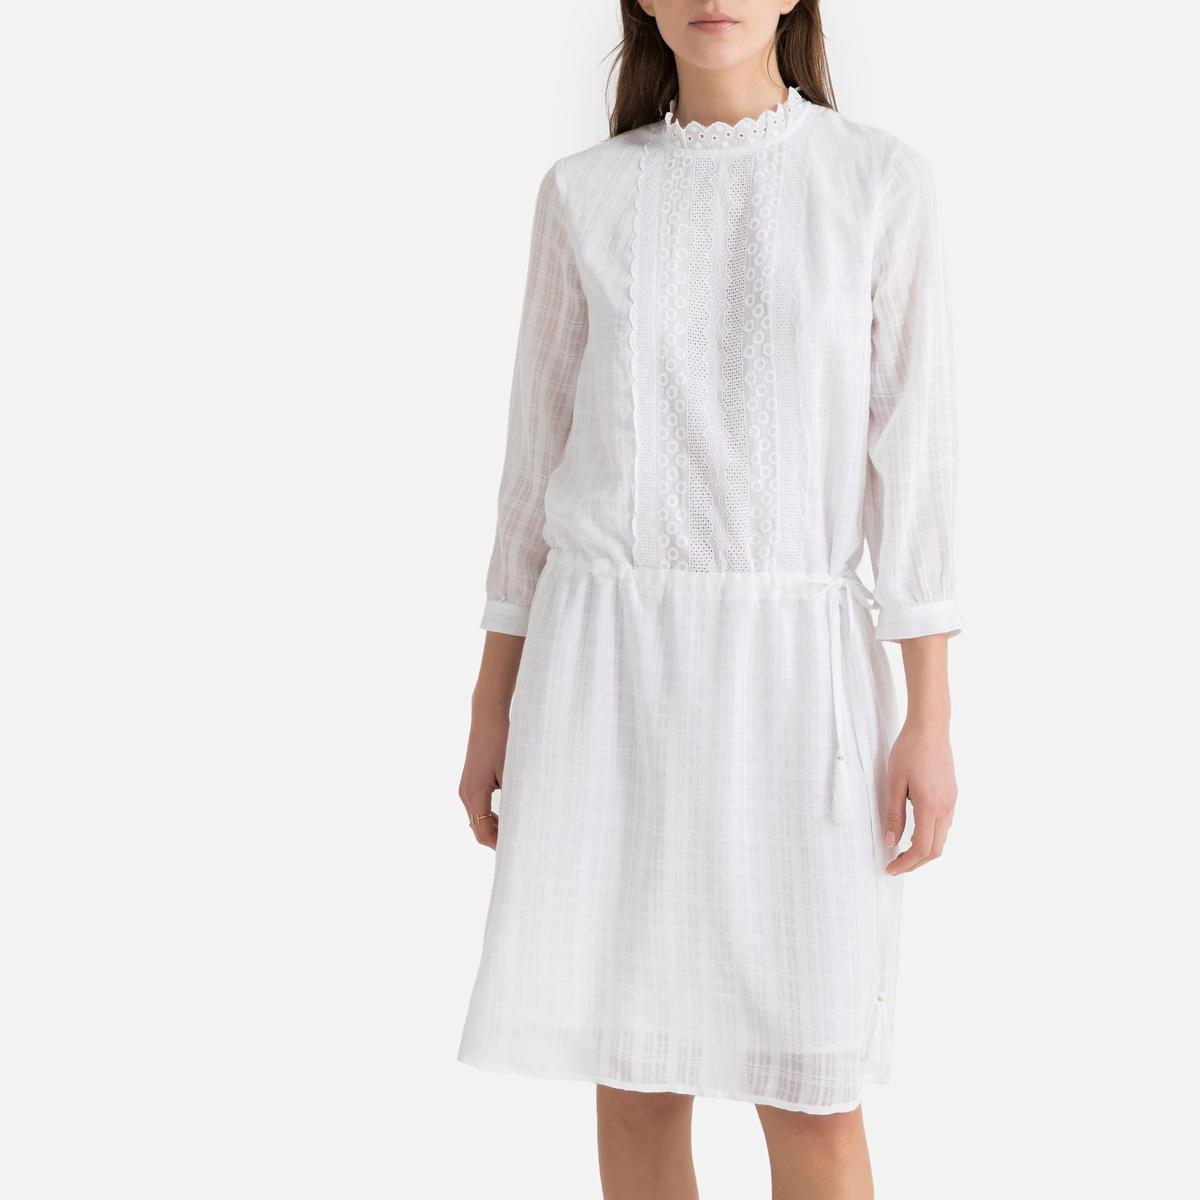 Платье La Redoute С воротником-стойкой и рукавами 46 (FR) - 52 (RUS) белый свитшот la redoute с воротником стойкой и рисунком спереди 46 48 fr 52 54 rus черный